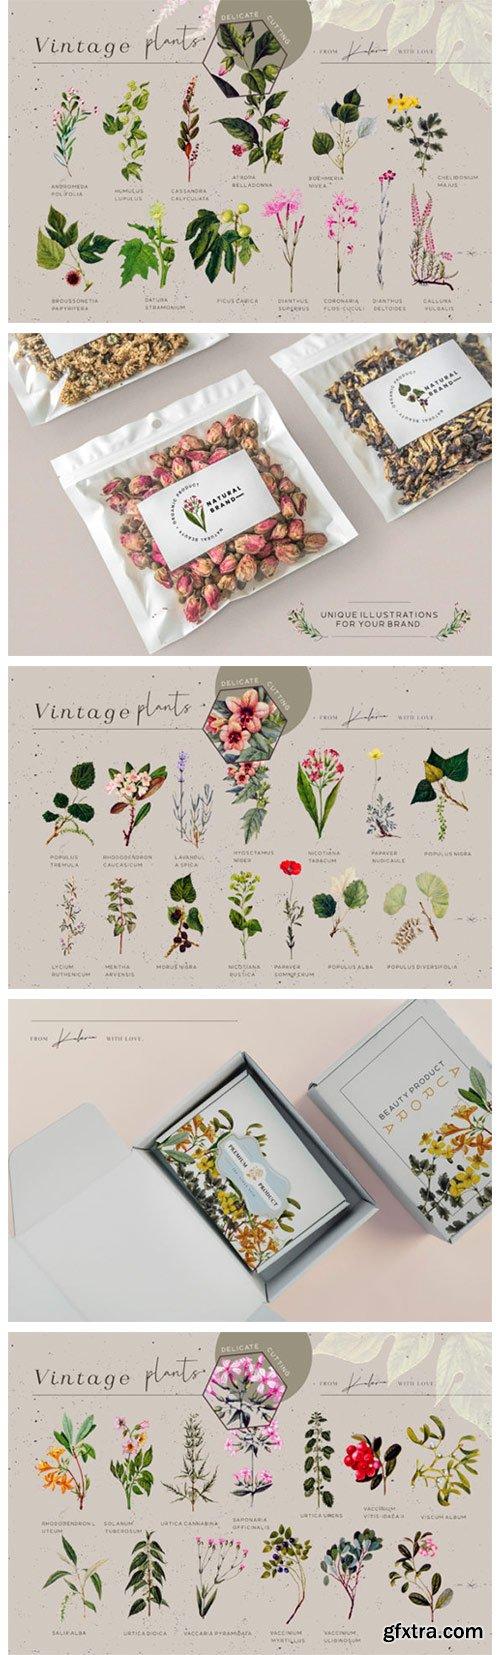 Green Garden - Vintage Botanical Kit 14214371